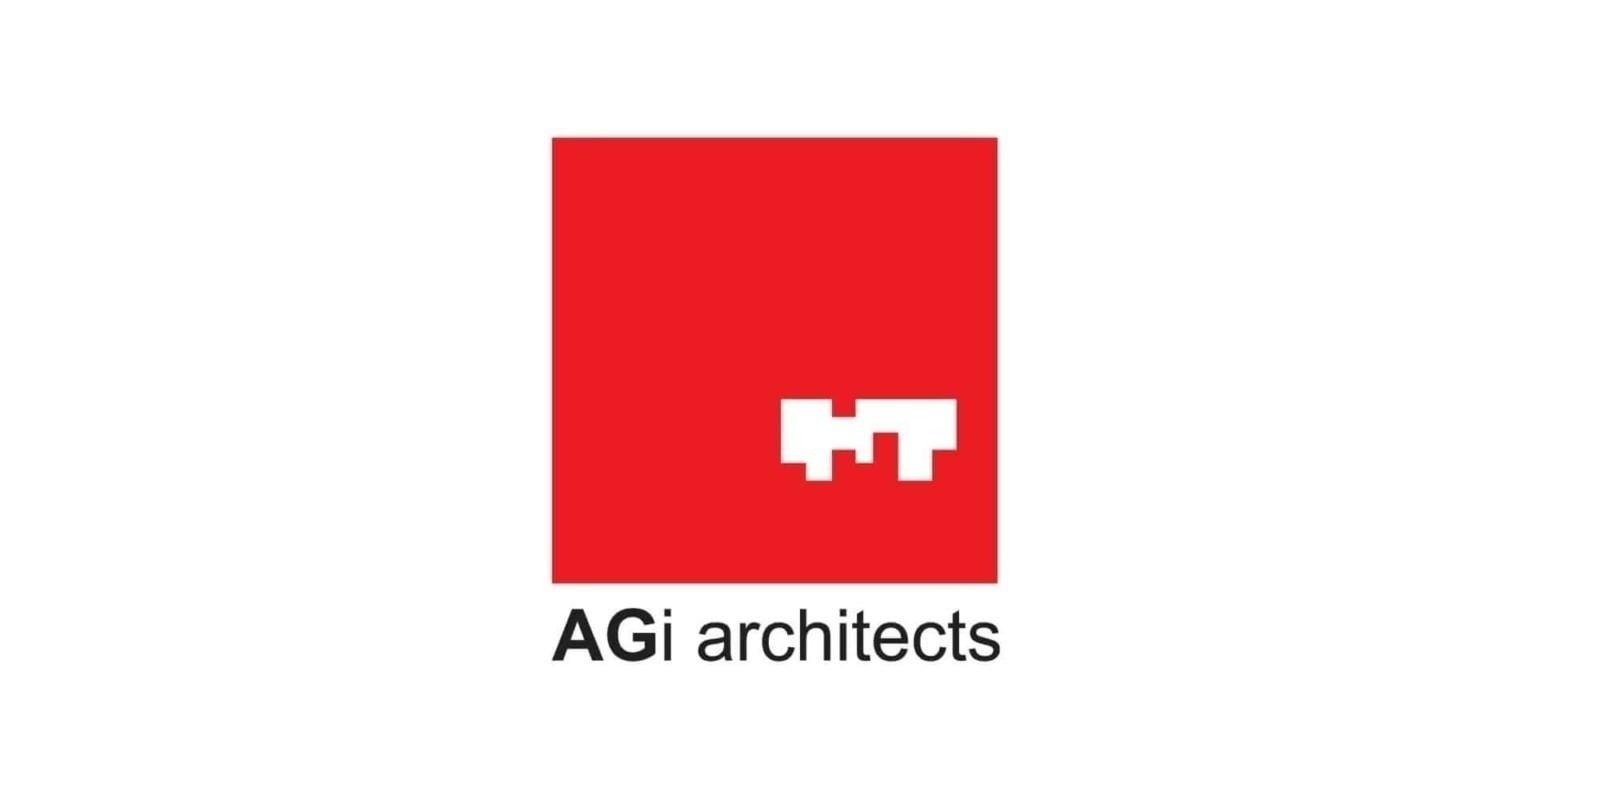 Felicitari de Craciun care spun o poveste, Agi architects